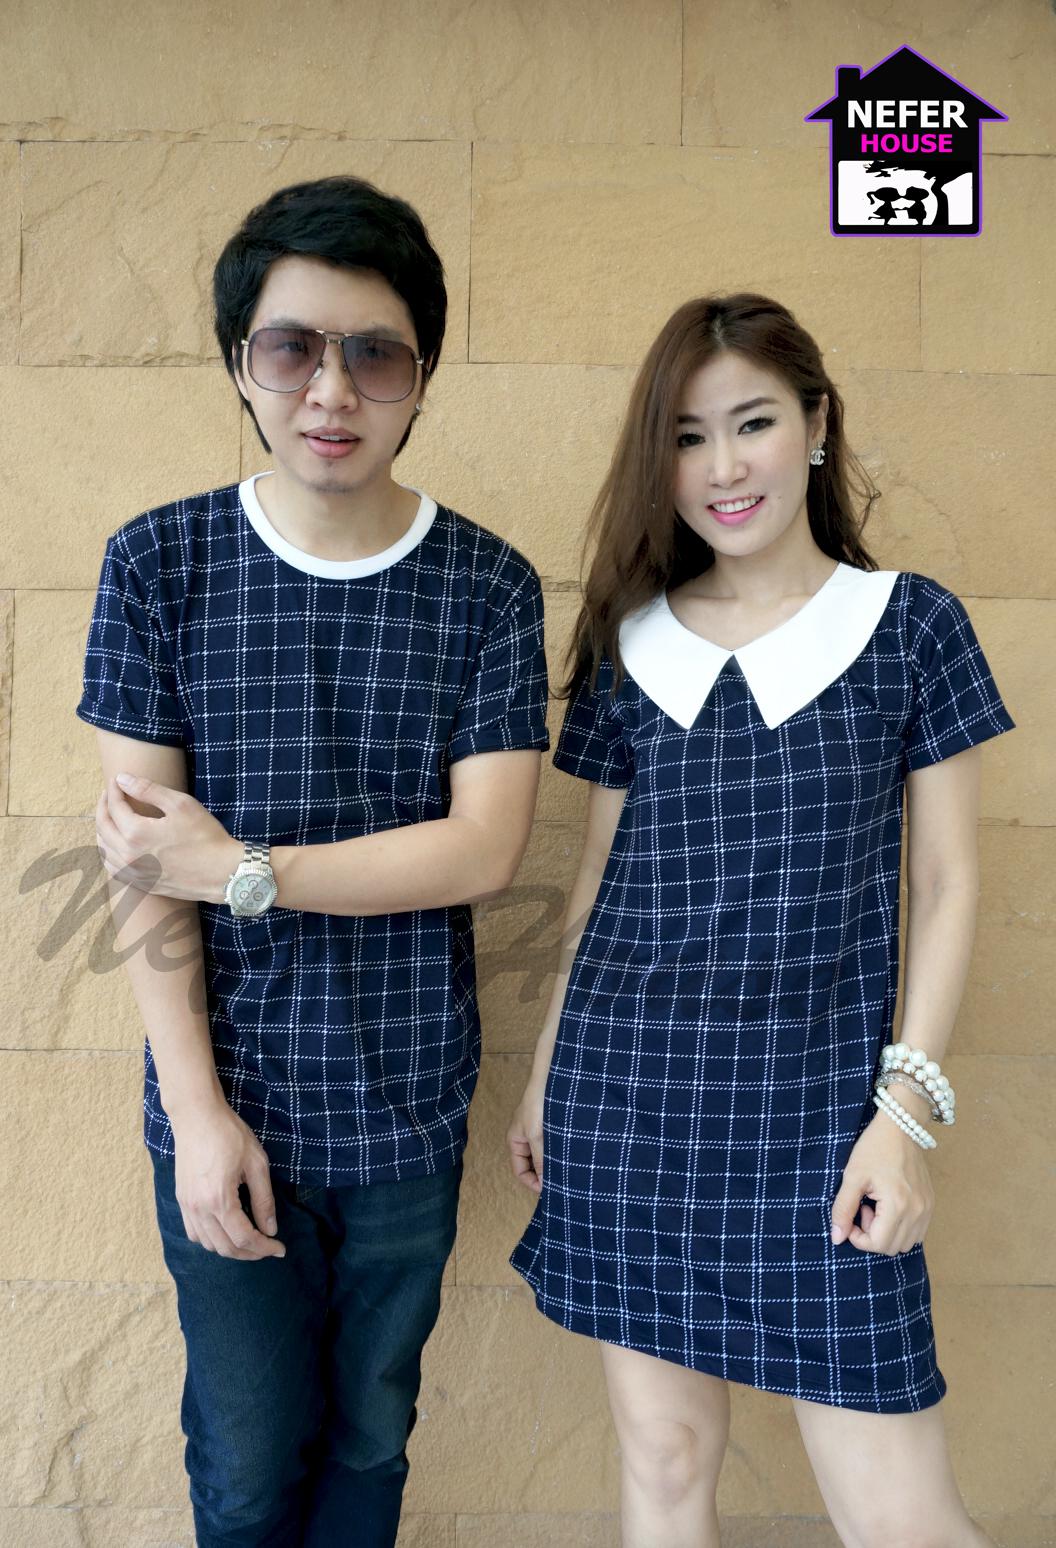 ชุดคู่รักเกาหลี สุดฮิตลายสก็อตสีน้ำเงินกรม-ขาว